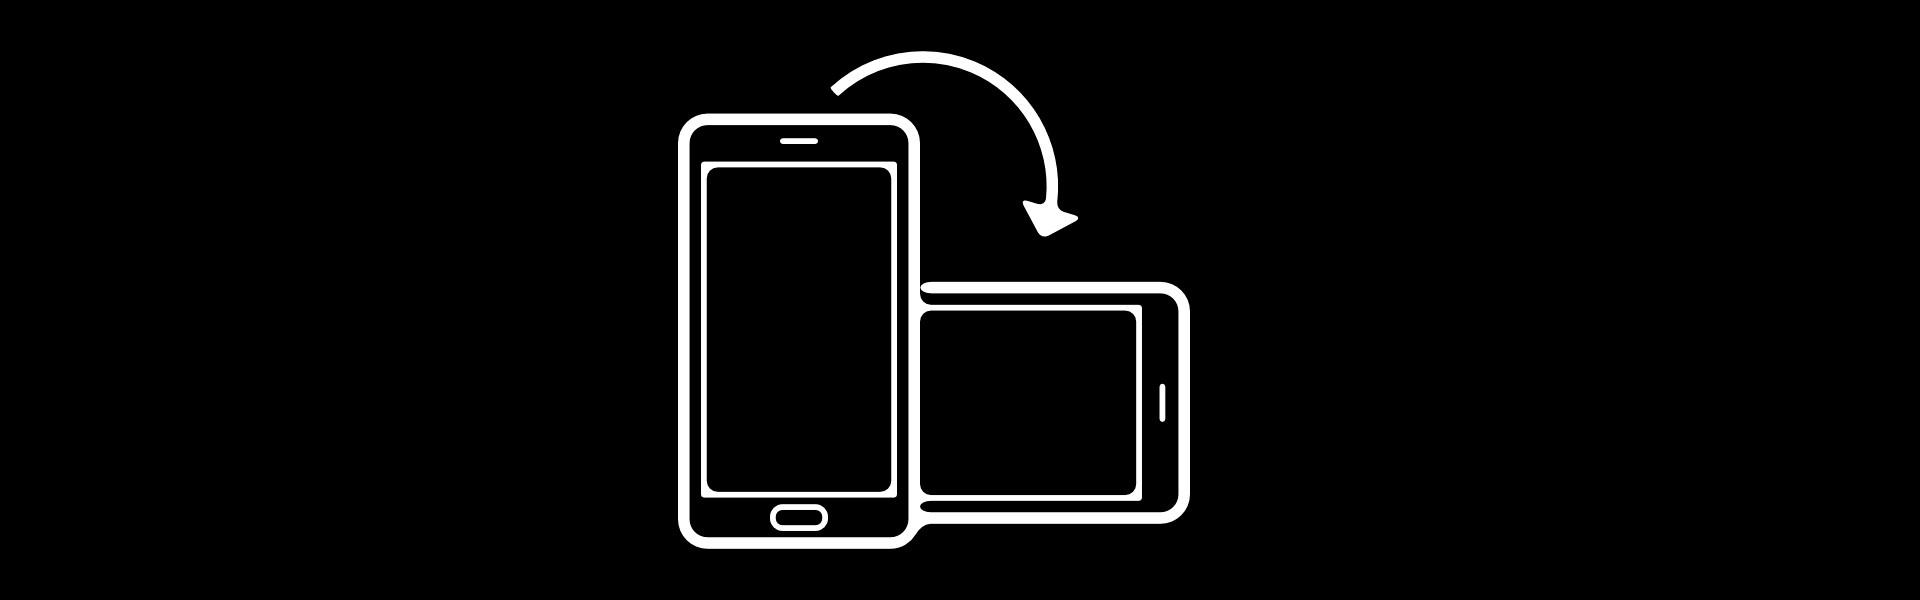 """Cómo """"bloquear"""" una web en un móvil horizontal (landscape)"""